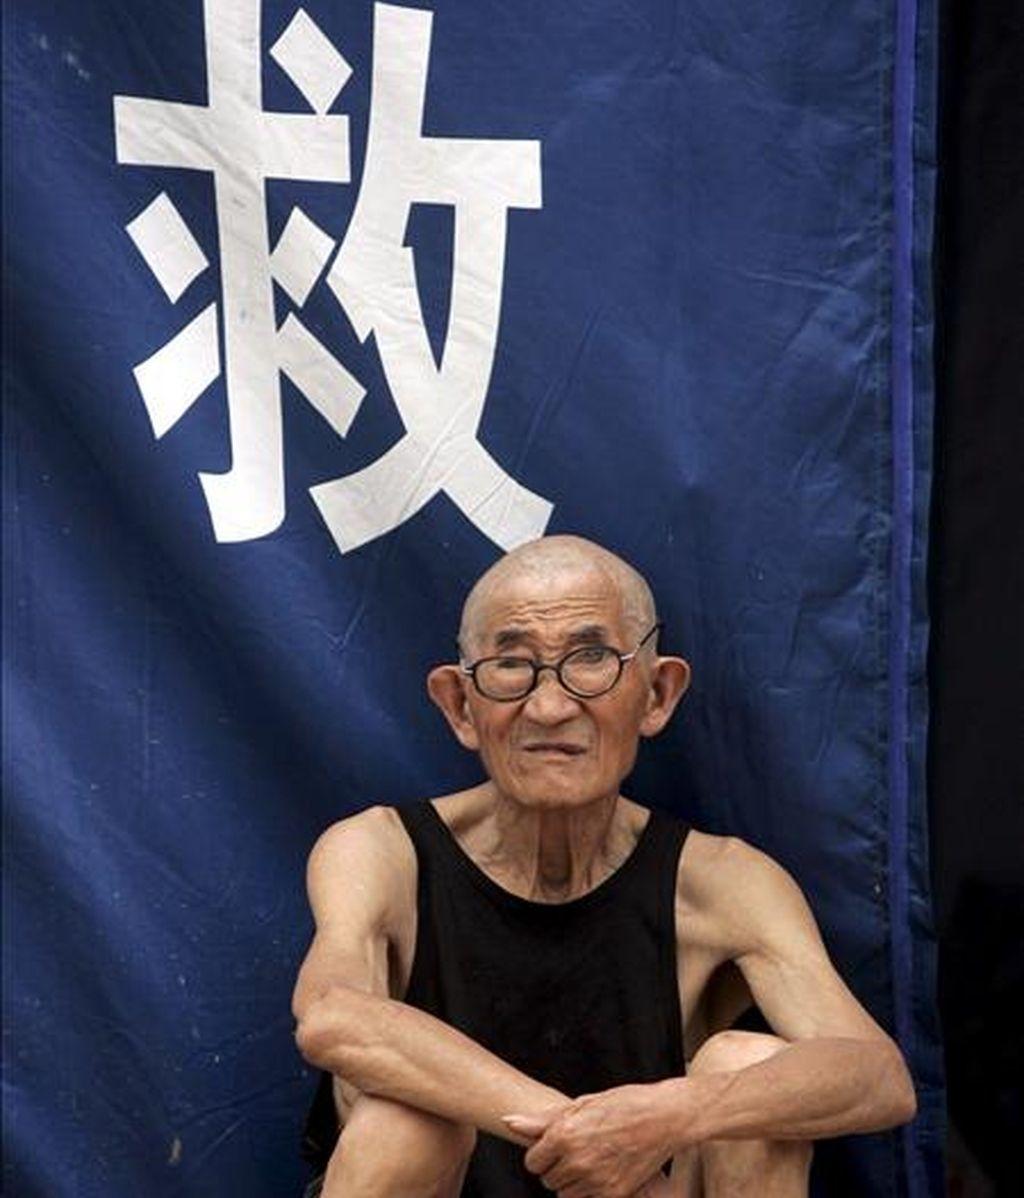 Un taiwanés de 96 años de edad recibirá este fin de semana su título de Maestría en Filosofía en la Universidad de Nanhua, se informó hoy en una conferencia de prensa en ese centro educativo. EFE/Archivo